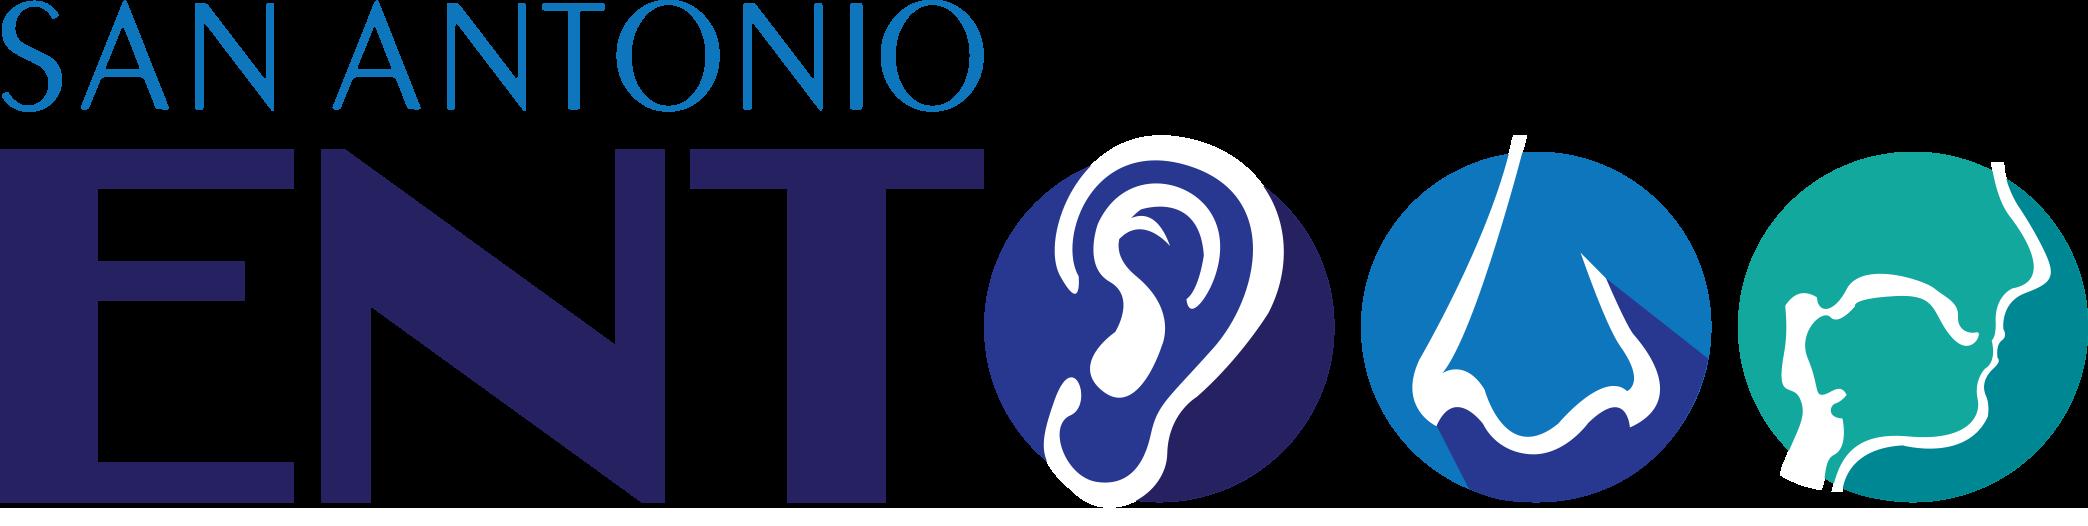 ENTClinics